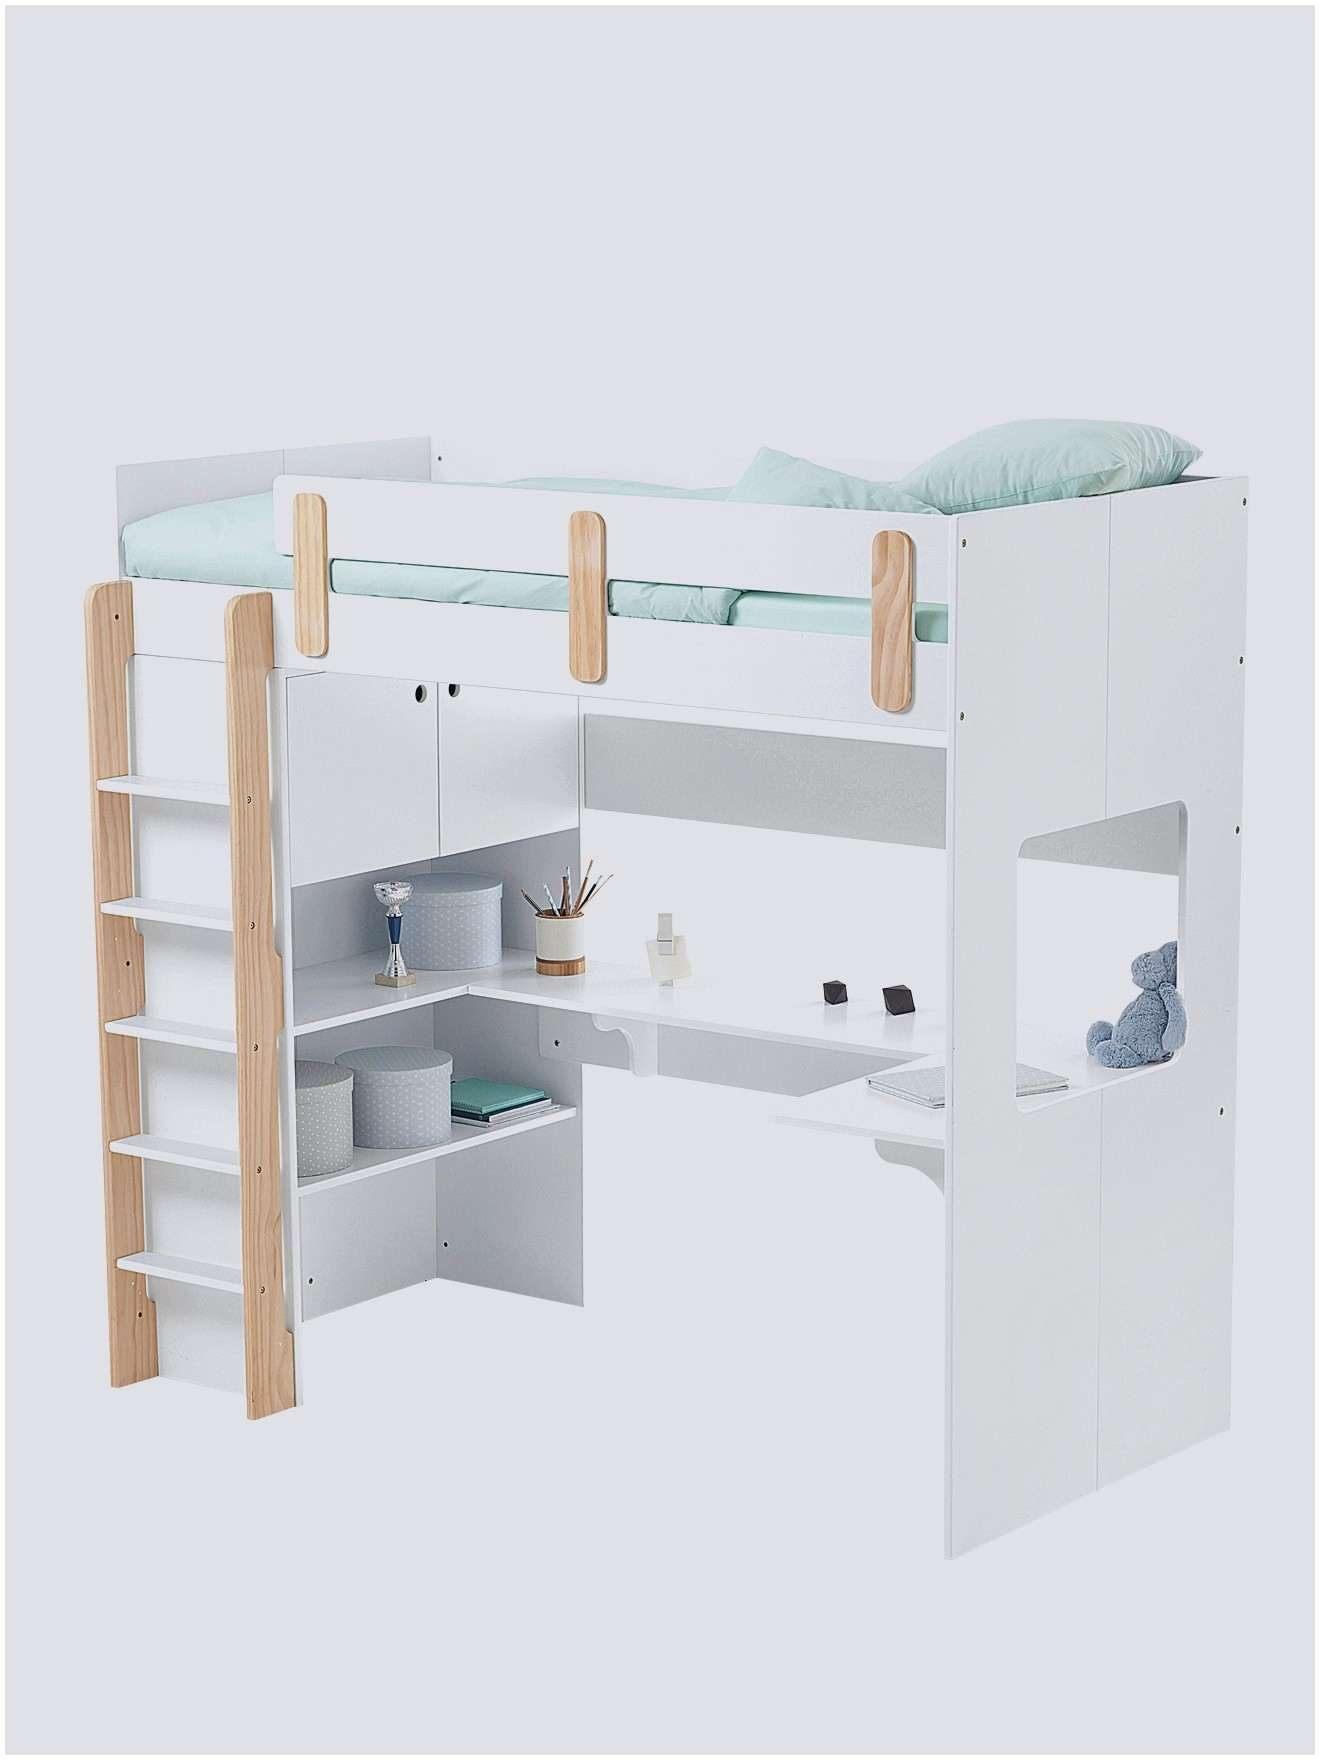 Lit Superposé 3 Places Ikea Impressionnant Le Meilleur De Lit Superposé Avec Bureau Intégré Spécial Lit